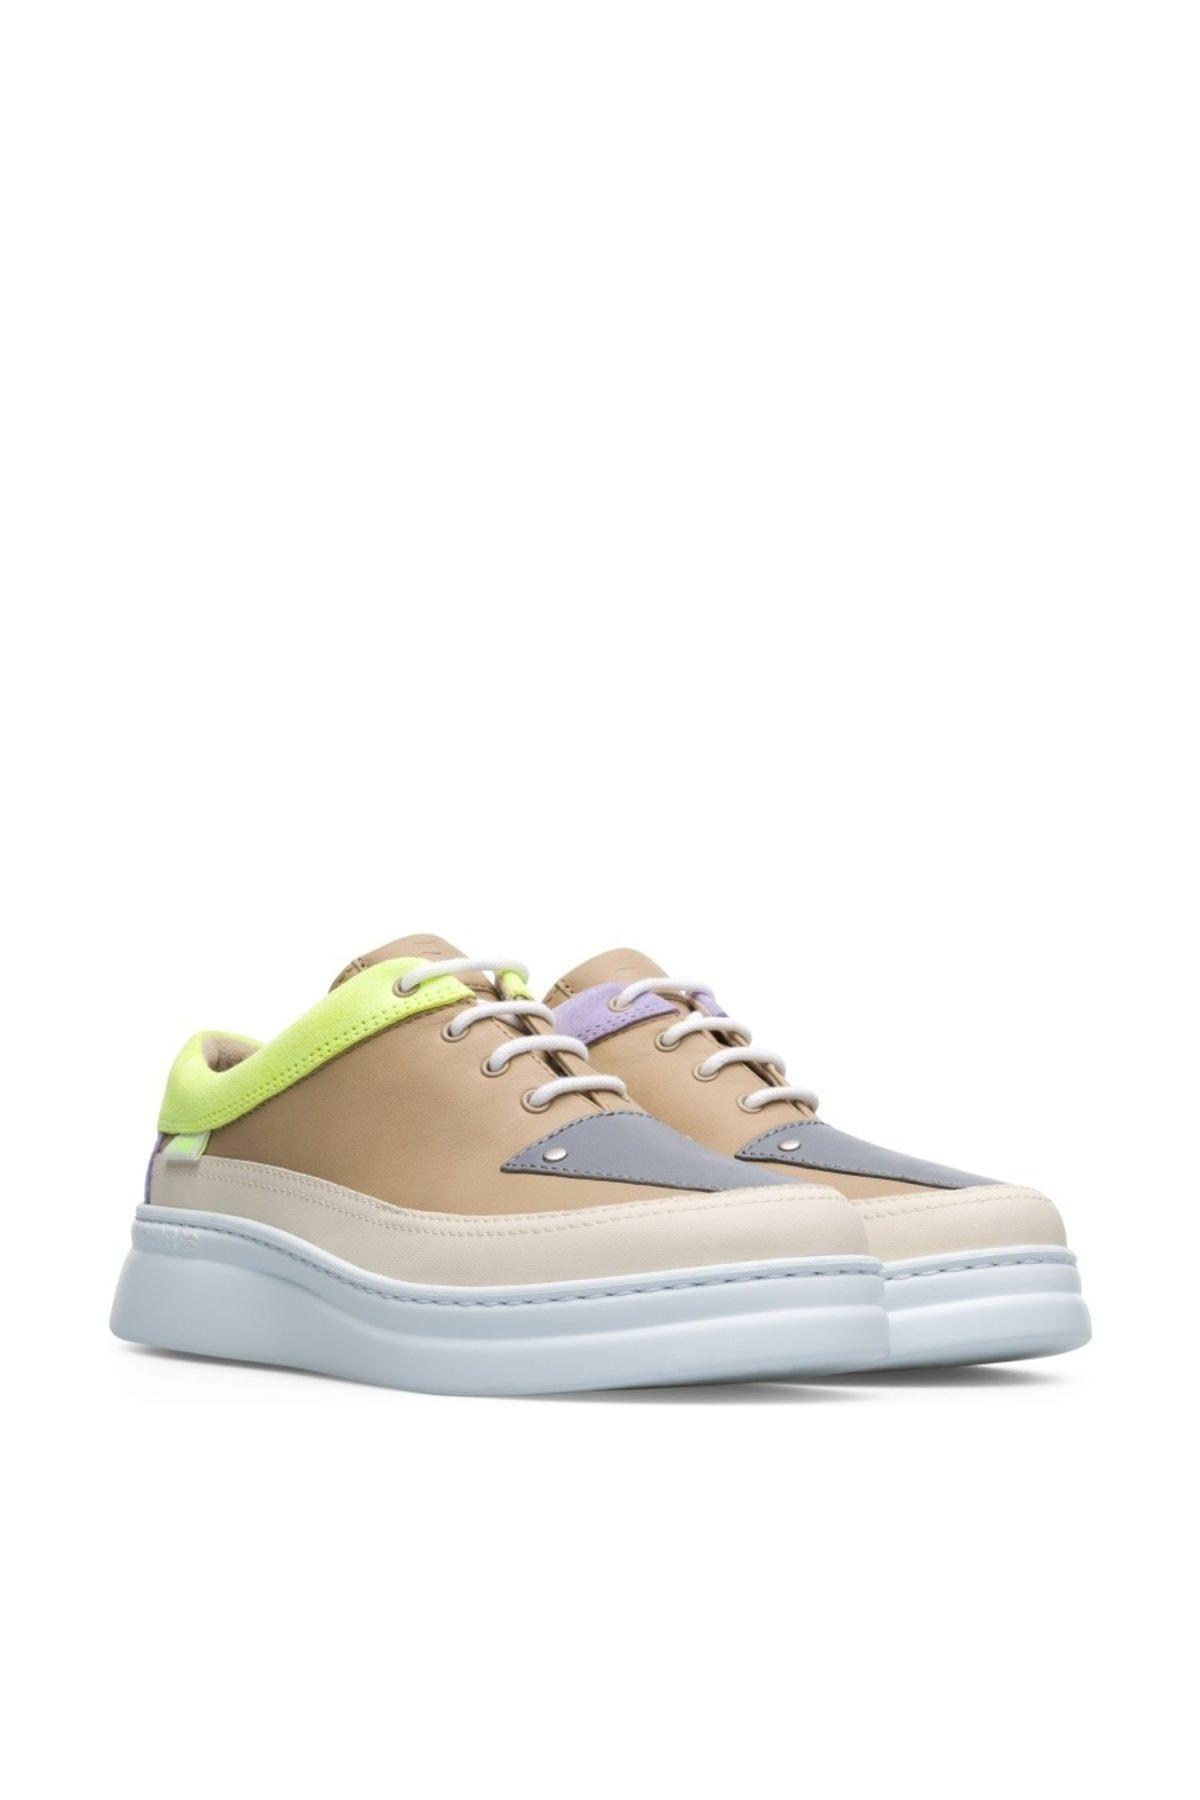 CAMPER Kadın Twins Sneaker K200866-010 2